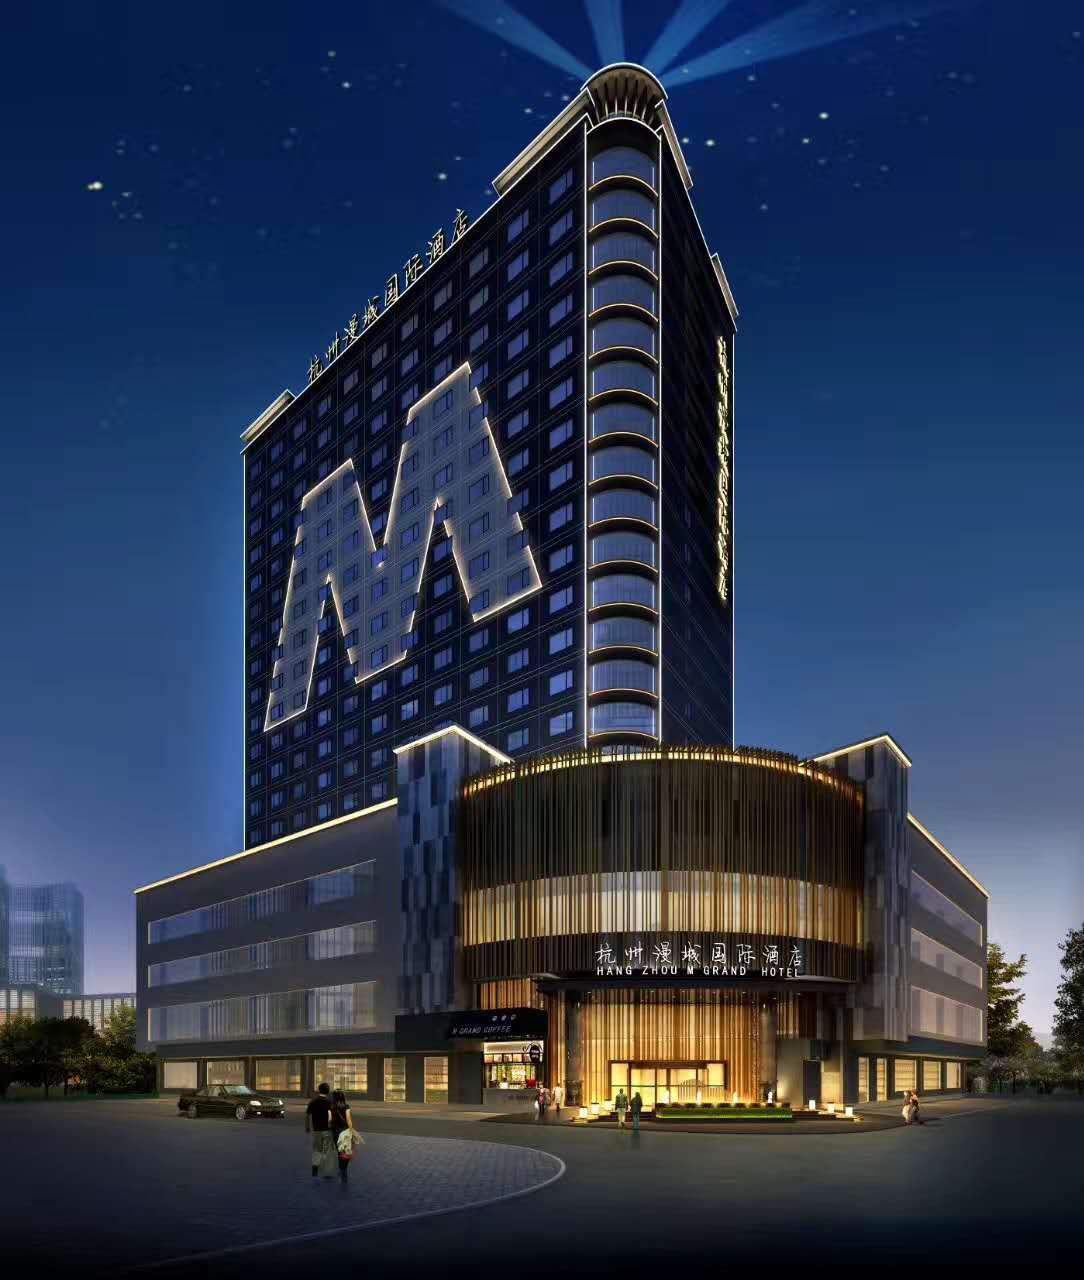 杭州漫城酒店